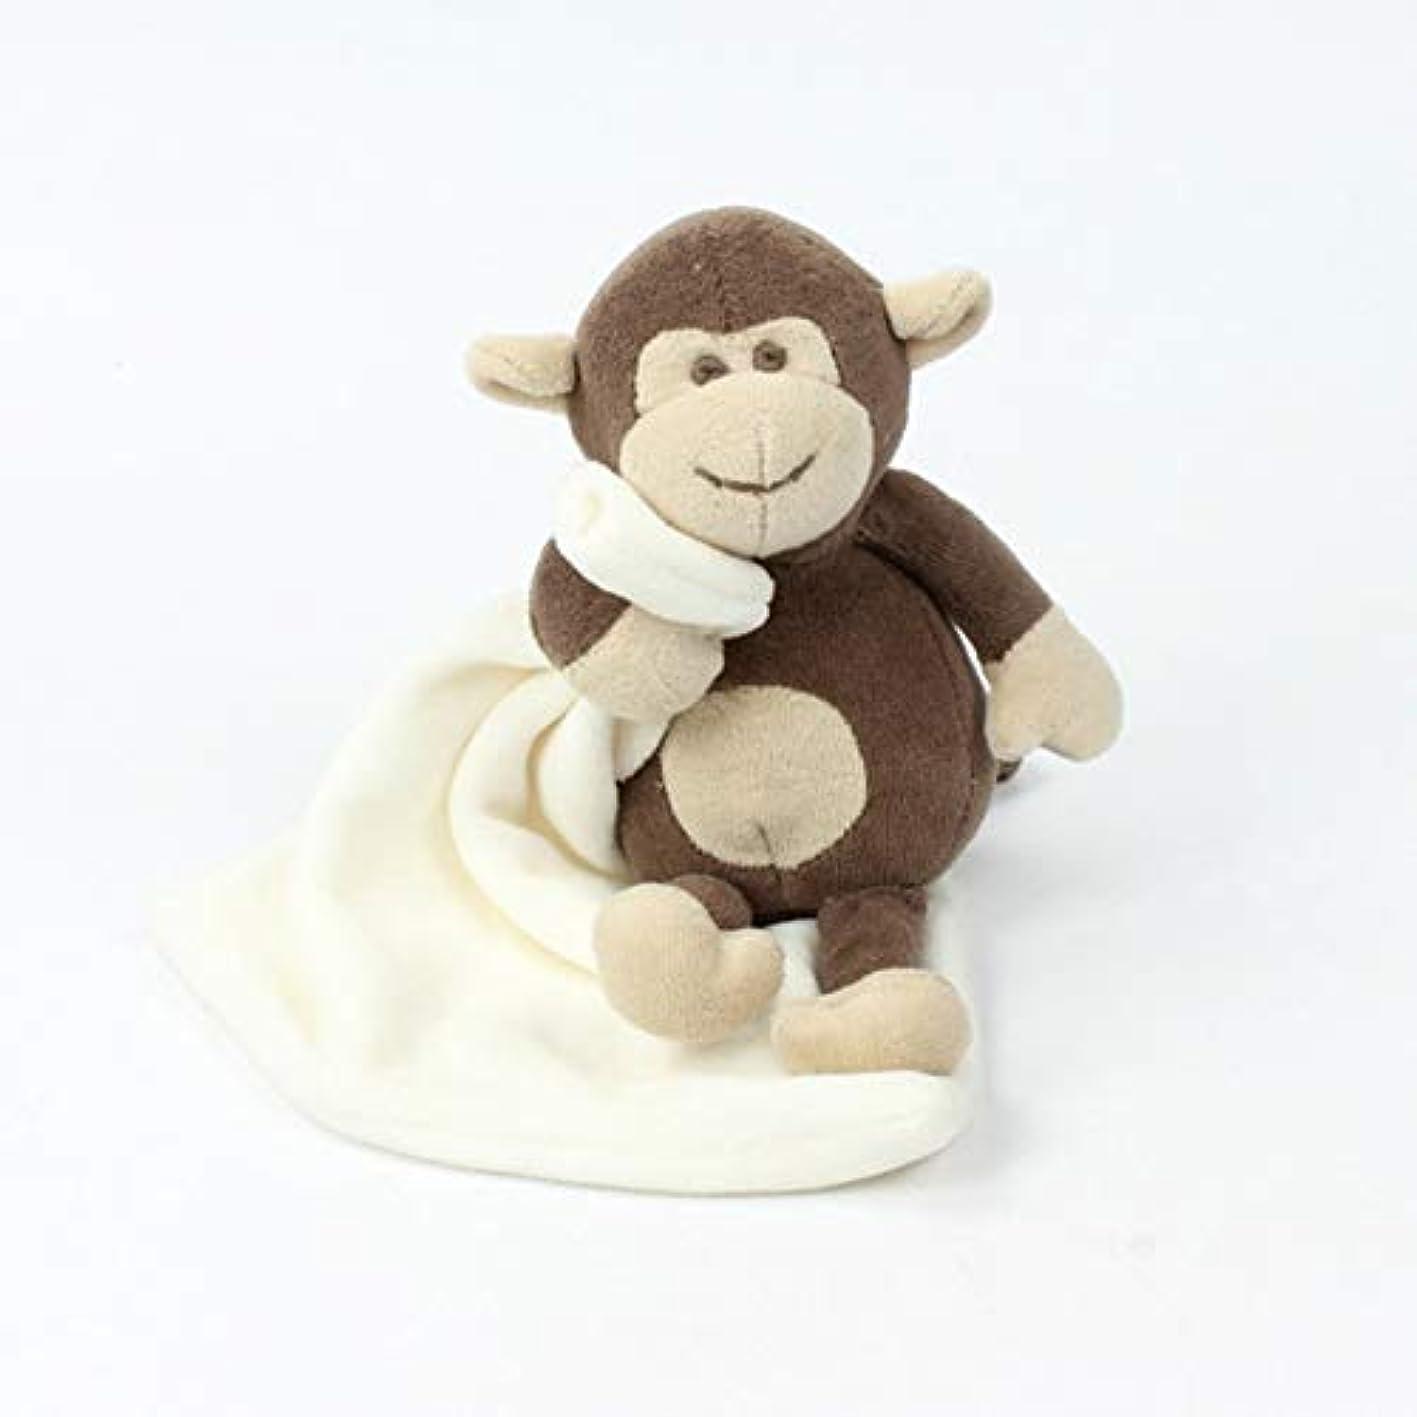 叱るデータベースしたがってベビー用癒しタオル ぬいぐるみタオル キッズ用抱っこタオル 抱っこ毛布 安心毛布 寝かしつけ用 赤ちゃんタオル おしゃぶり 癒し 可愛い小猿 ふわふわ お出産祝い